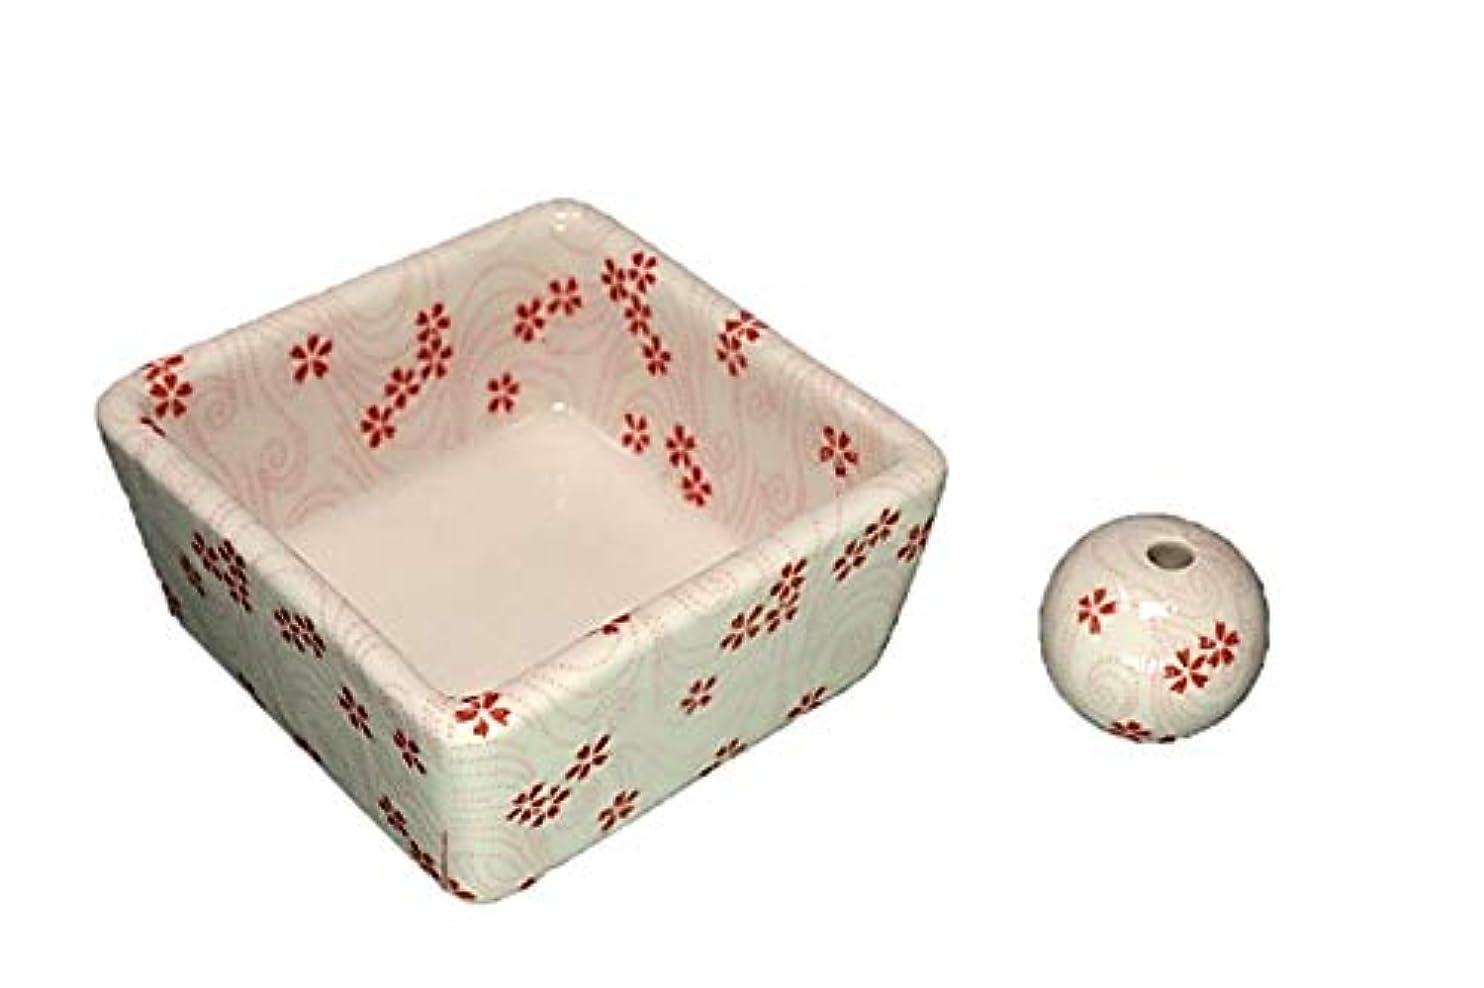 コメンテーター地図優雅な和モダン 桜渦 お香立て 陶器 角鉢 製造直売品